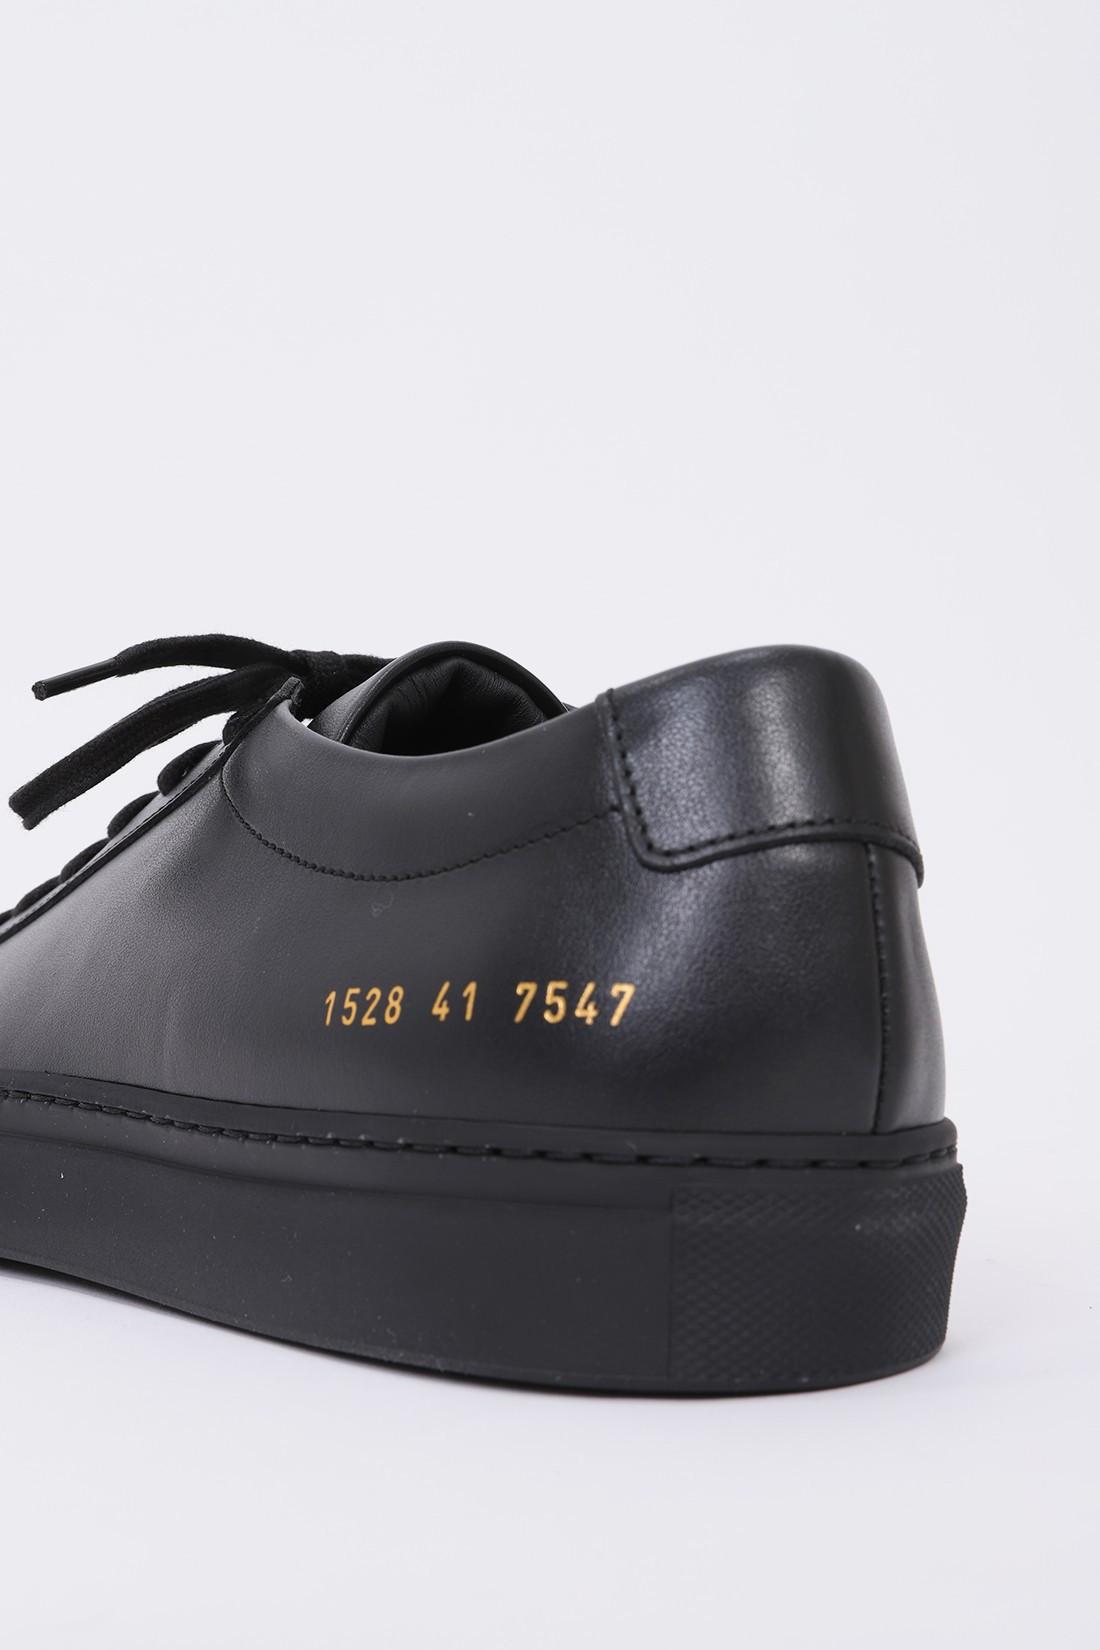 COMMON PROJECTS / Original achilles low 1528 Black 7547